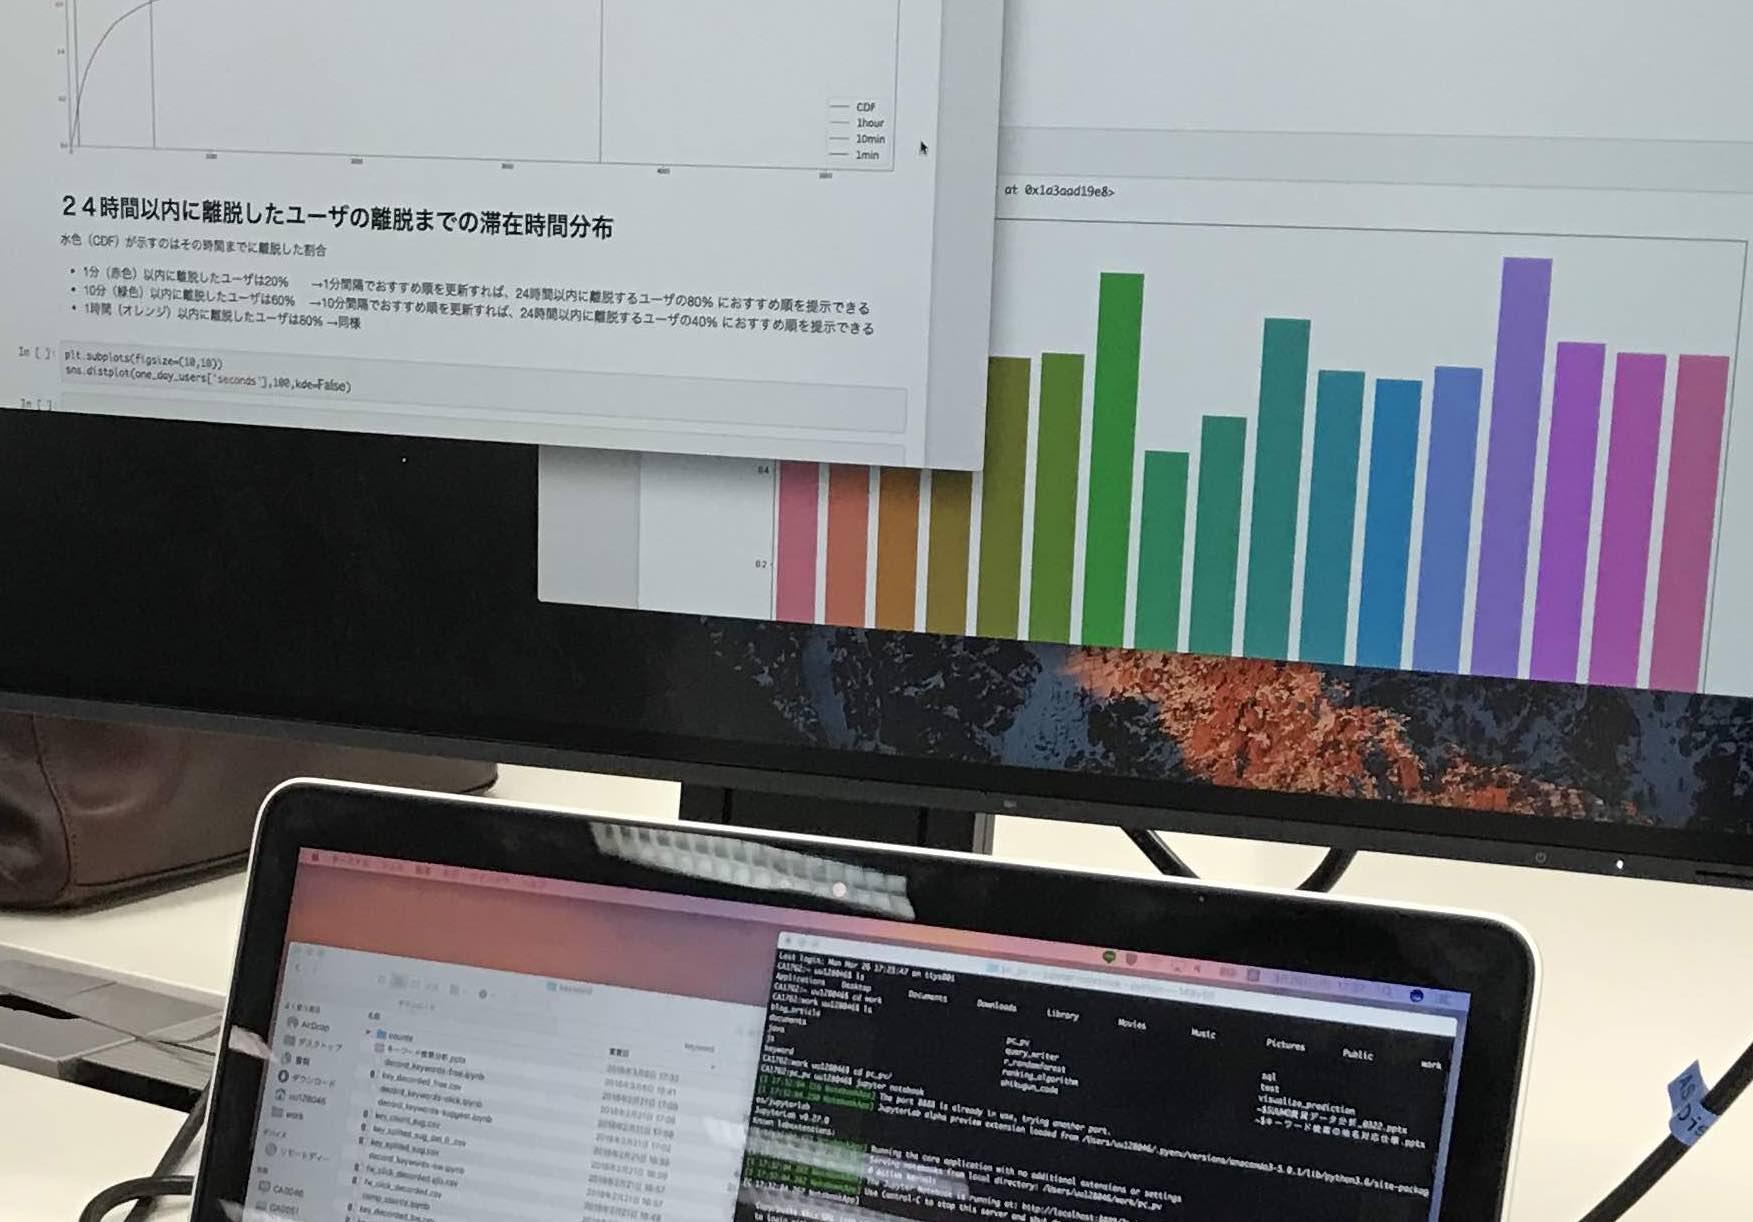 開発側のエンジニアがデータ分析をするメリットについてインターンシップで学んだこと